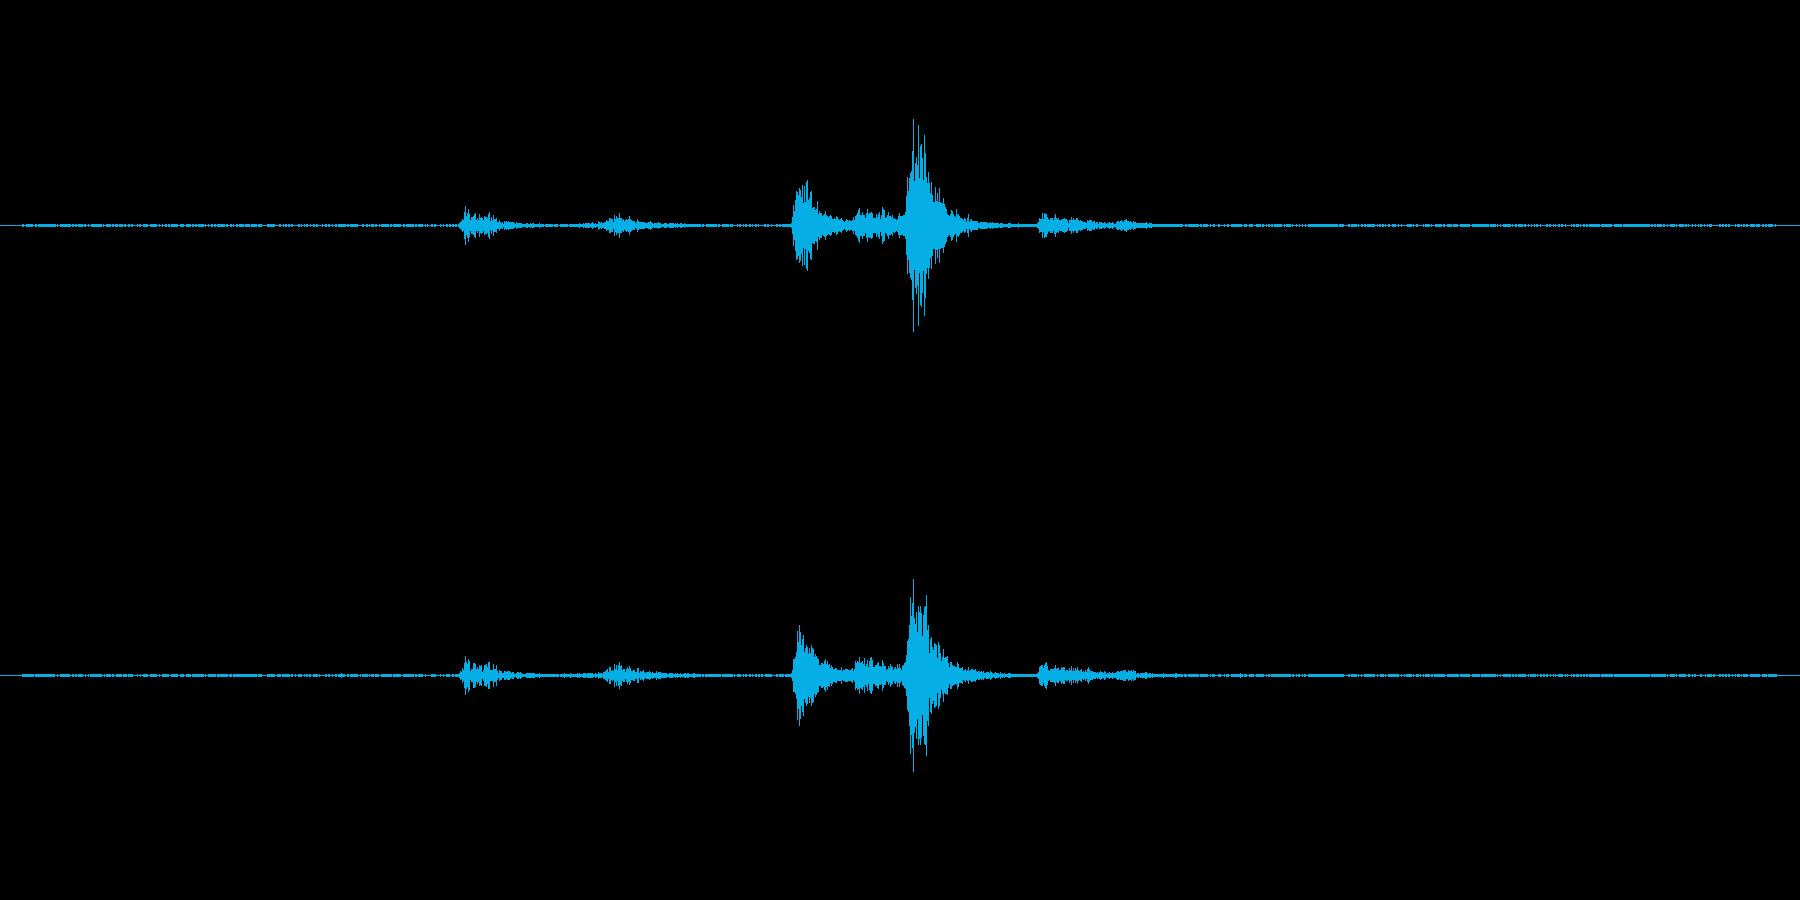 食器(プラスチック製)の音ですの再生済みの波形